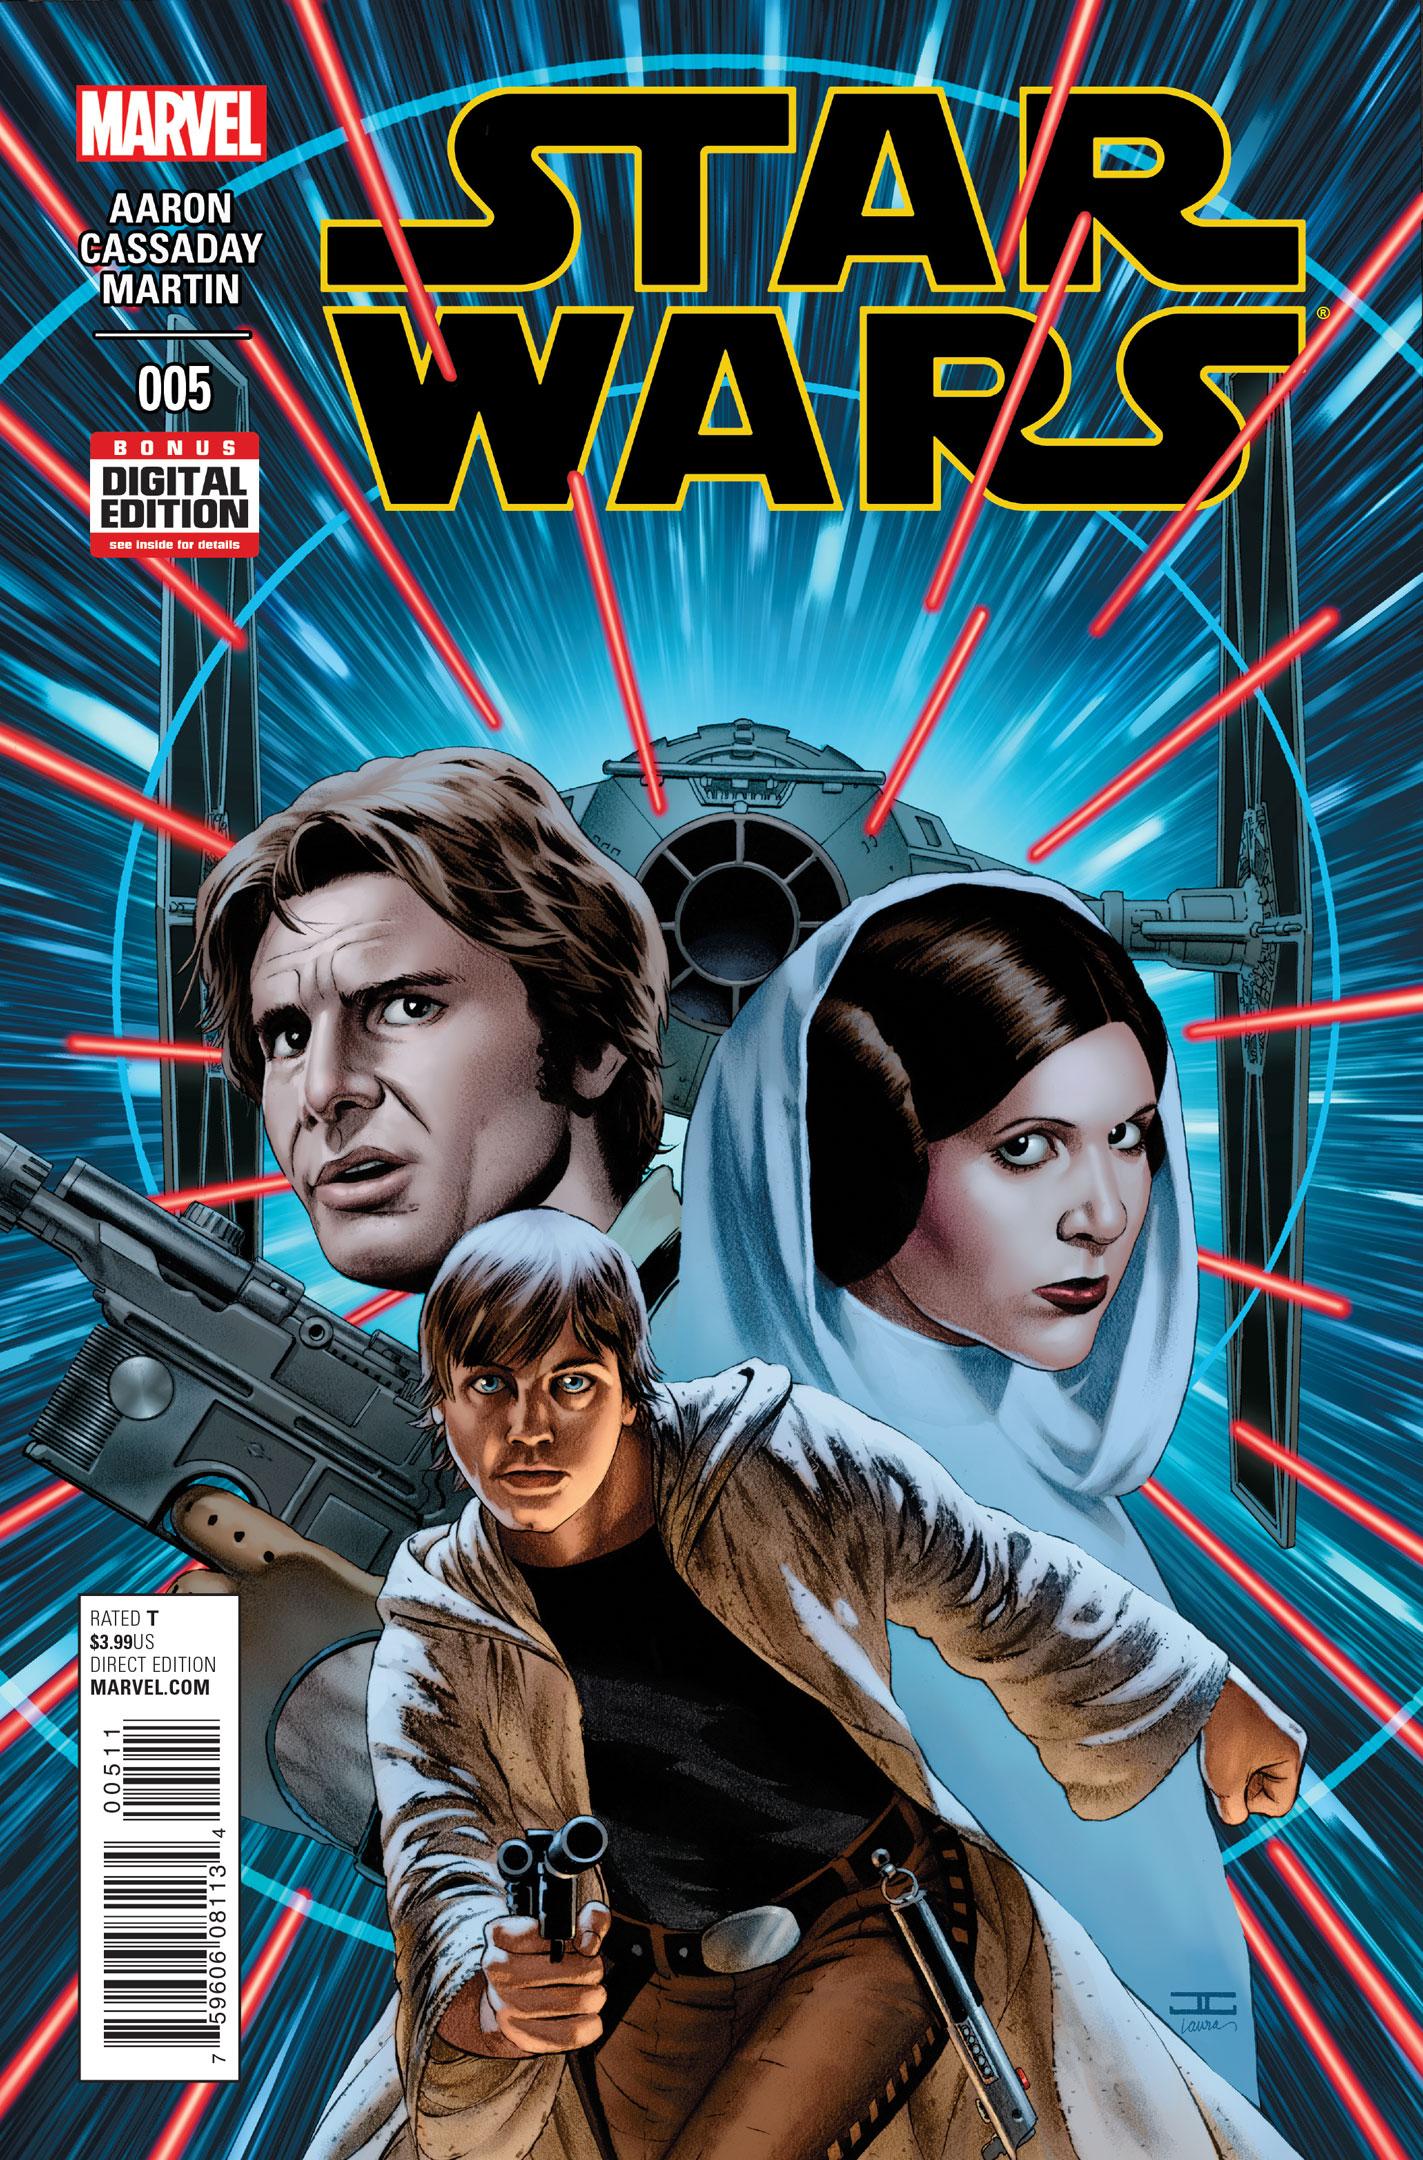 Star Wars 5: Skywalker passe à l'Attaque 5